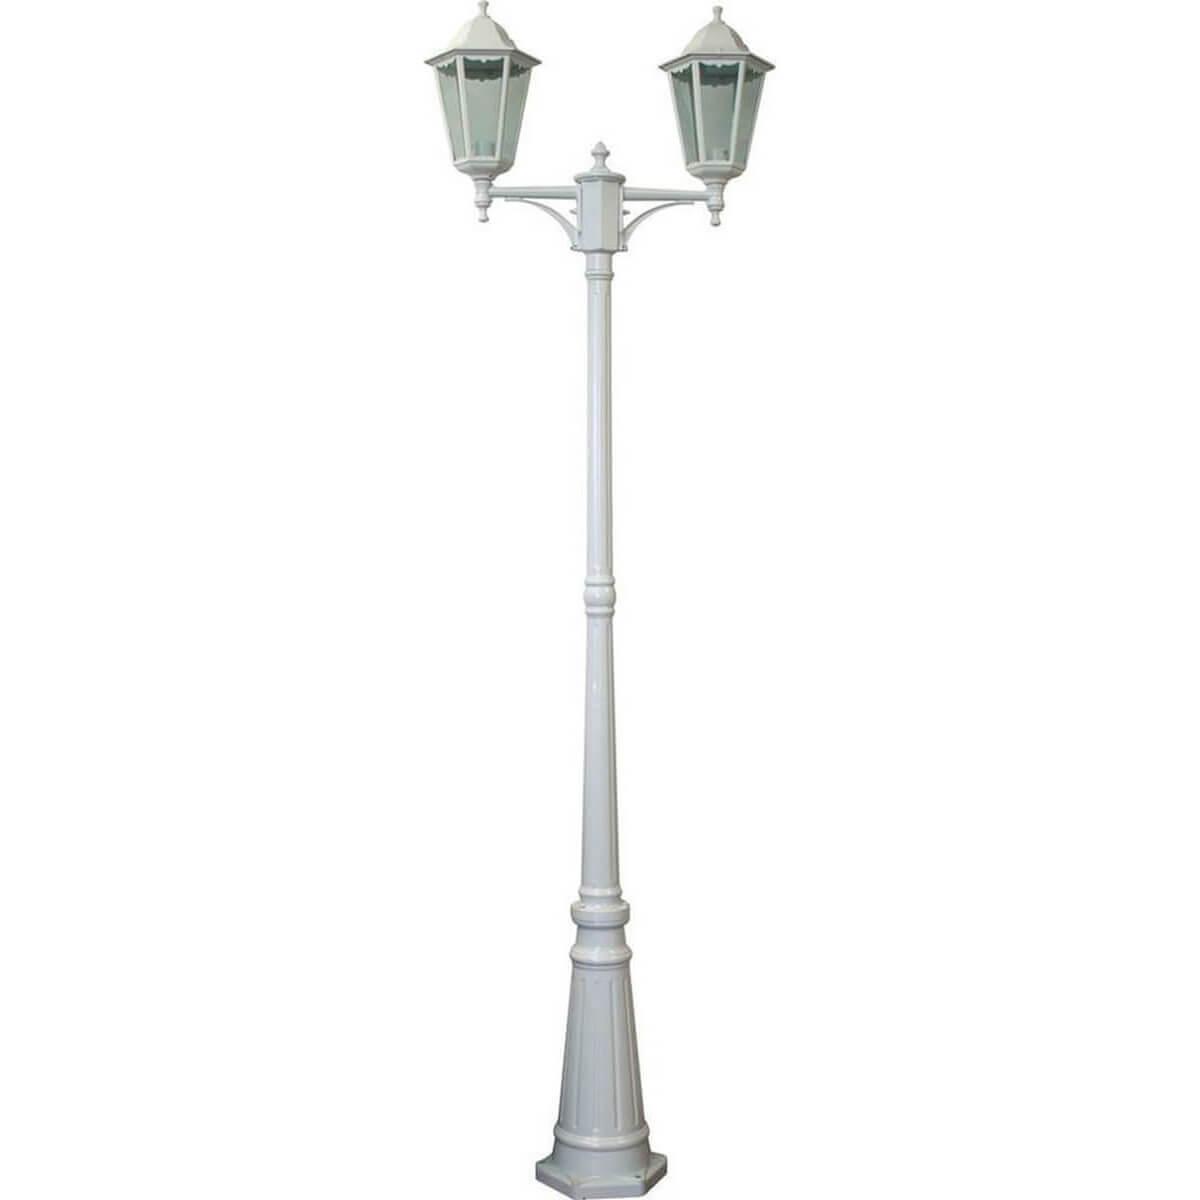 цена Садово-парковый светильник Feron 6214 11077 онлайн в 2017 году